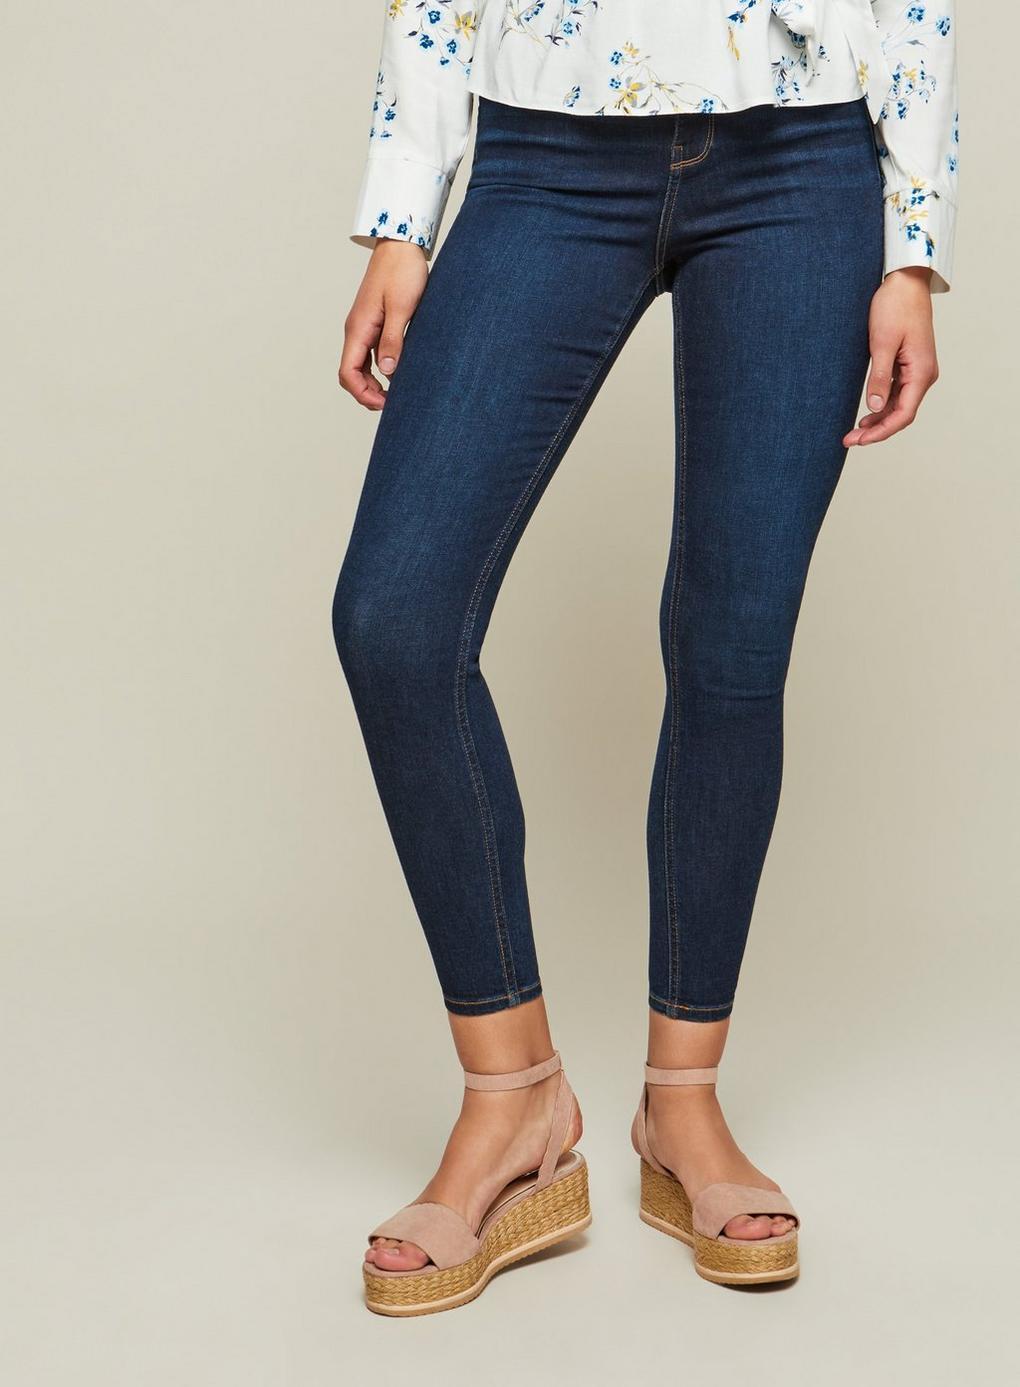 Miss Selfridge Denim Steffi Super High Waist Indigo Jeans in Blue